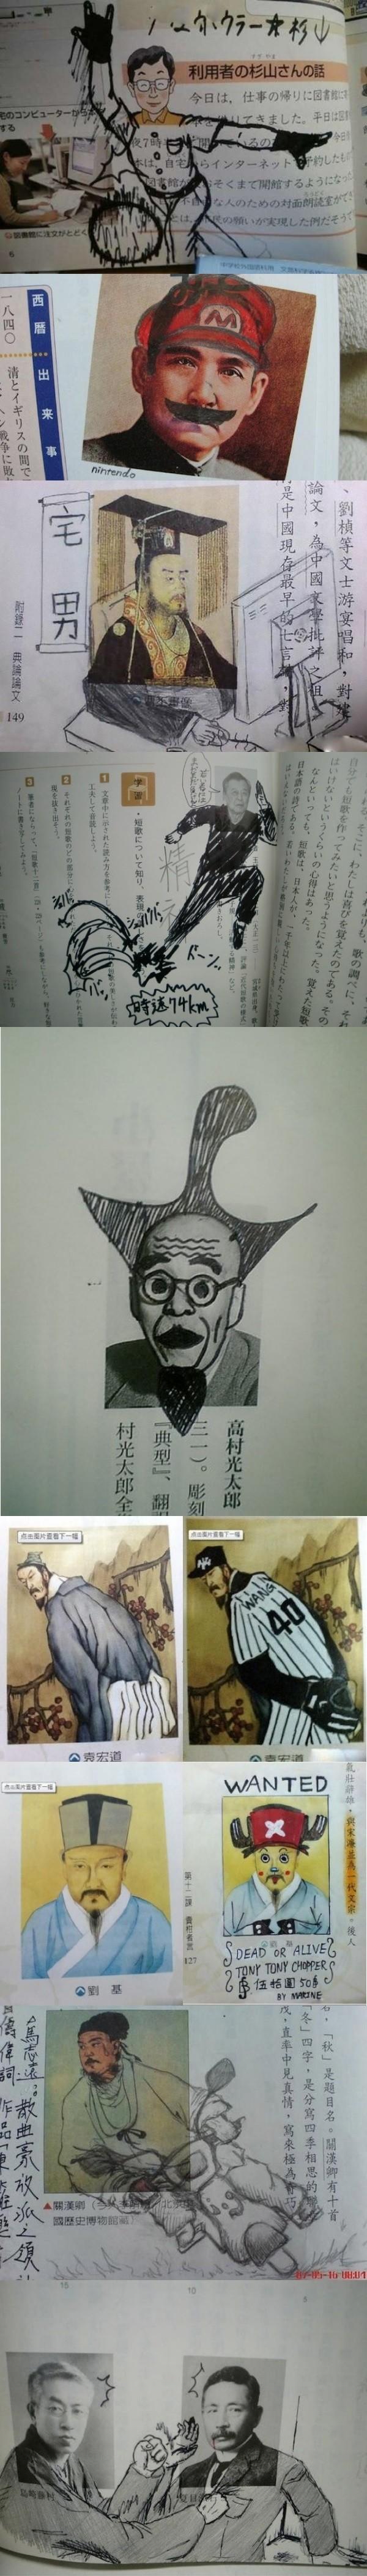 Otros - Cuando los japoneses se aburren en clase